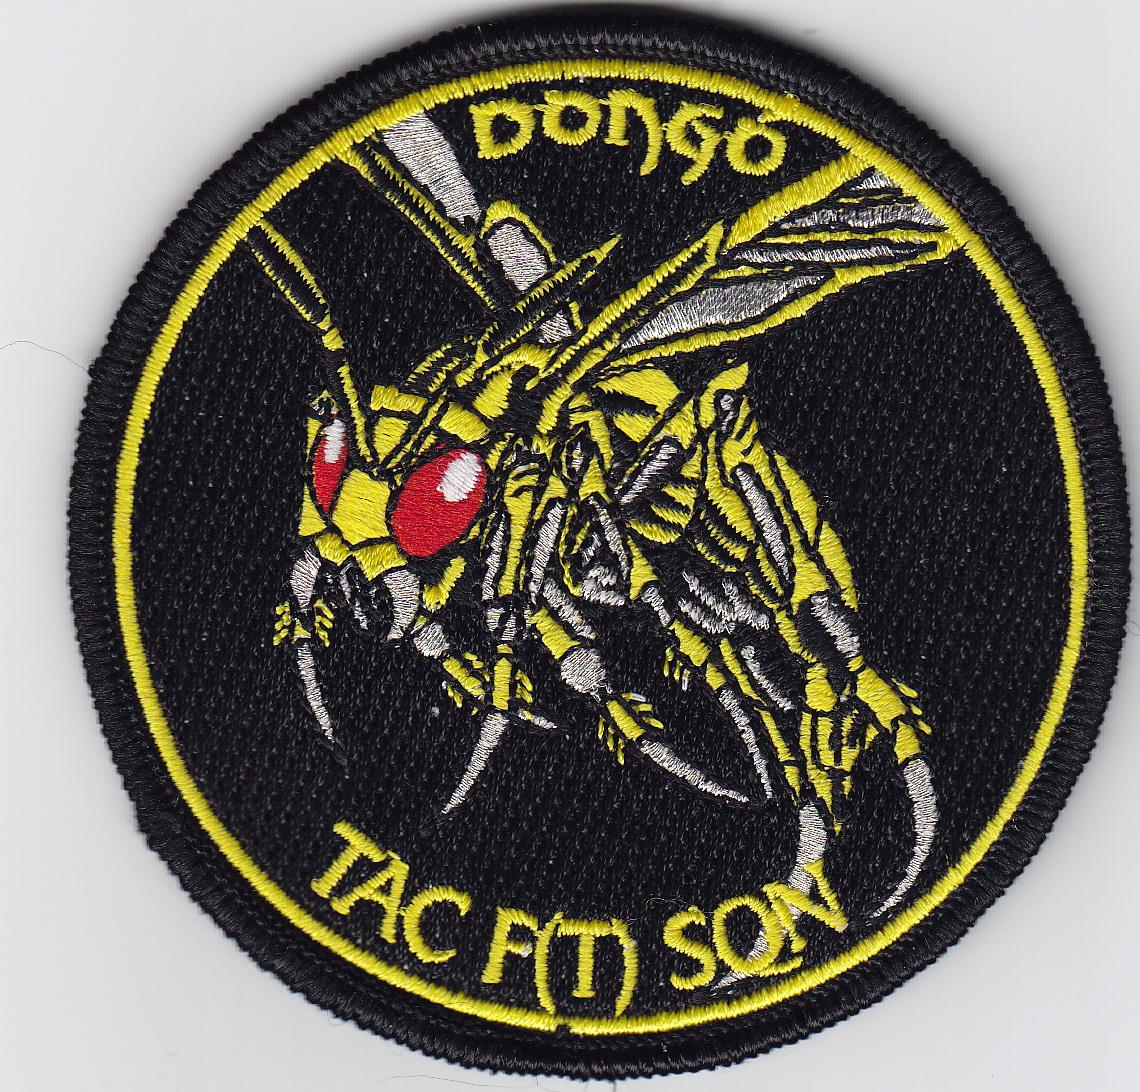 d1e799c53176 Dongó Tac F(T) Sqn felvarró 9 cm (Sárga hímzés) JETfly Military Webshop